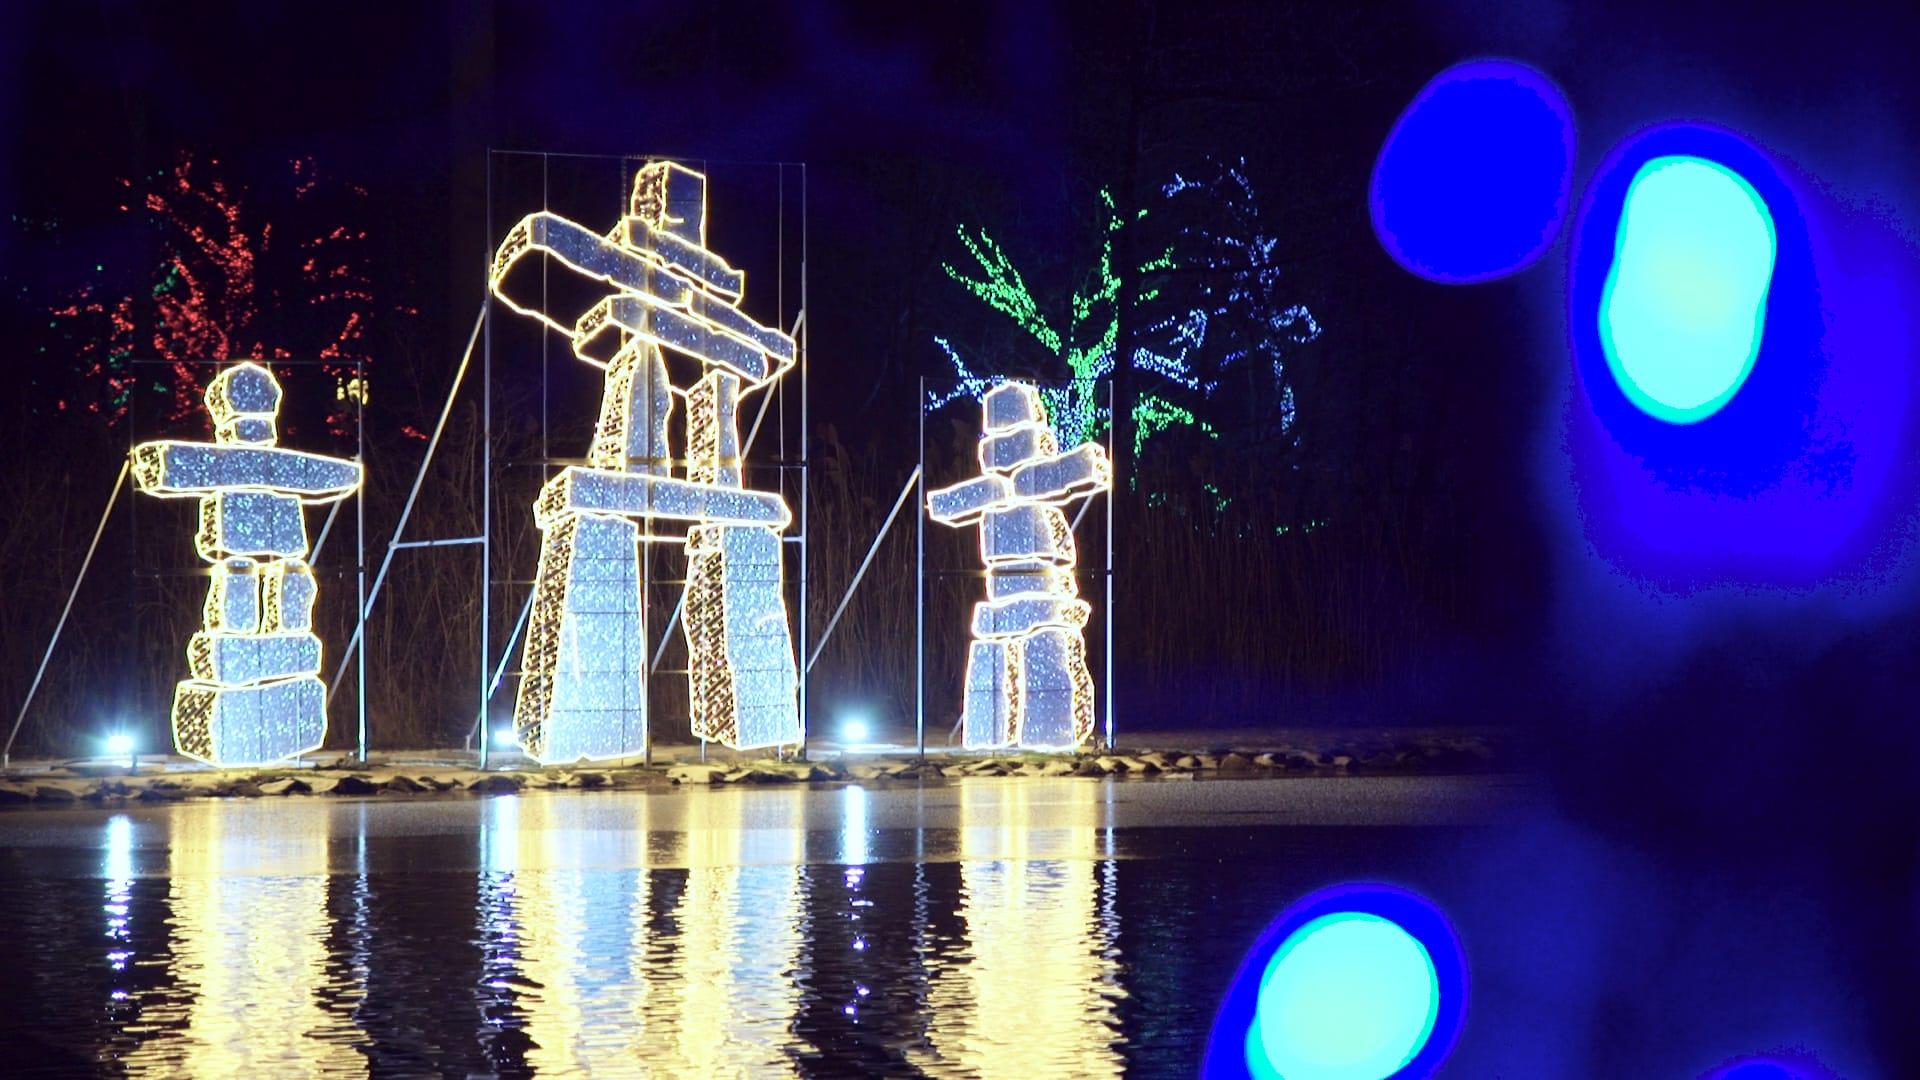 Winter Festival of Lights Innushuk